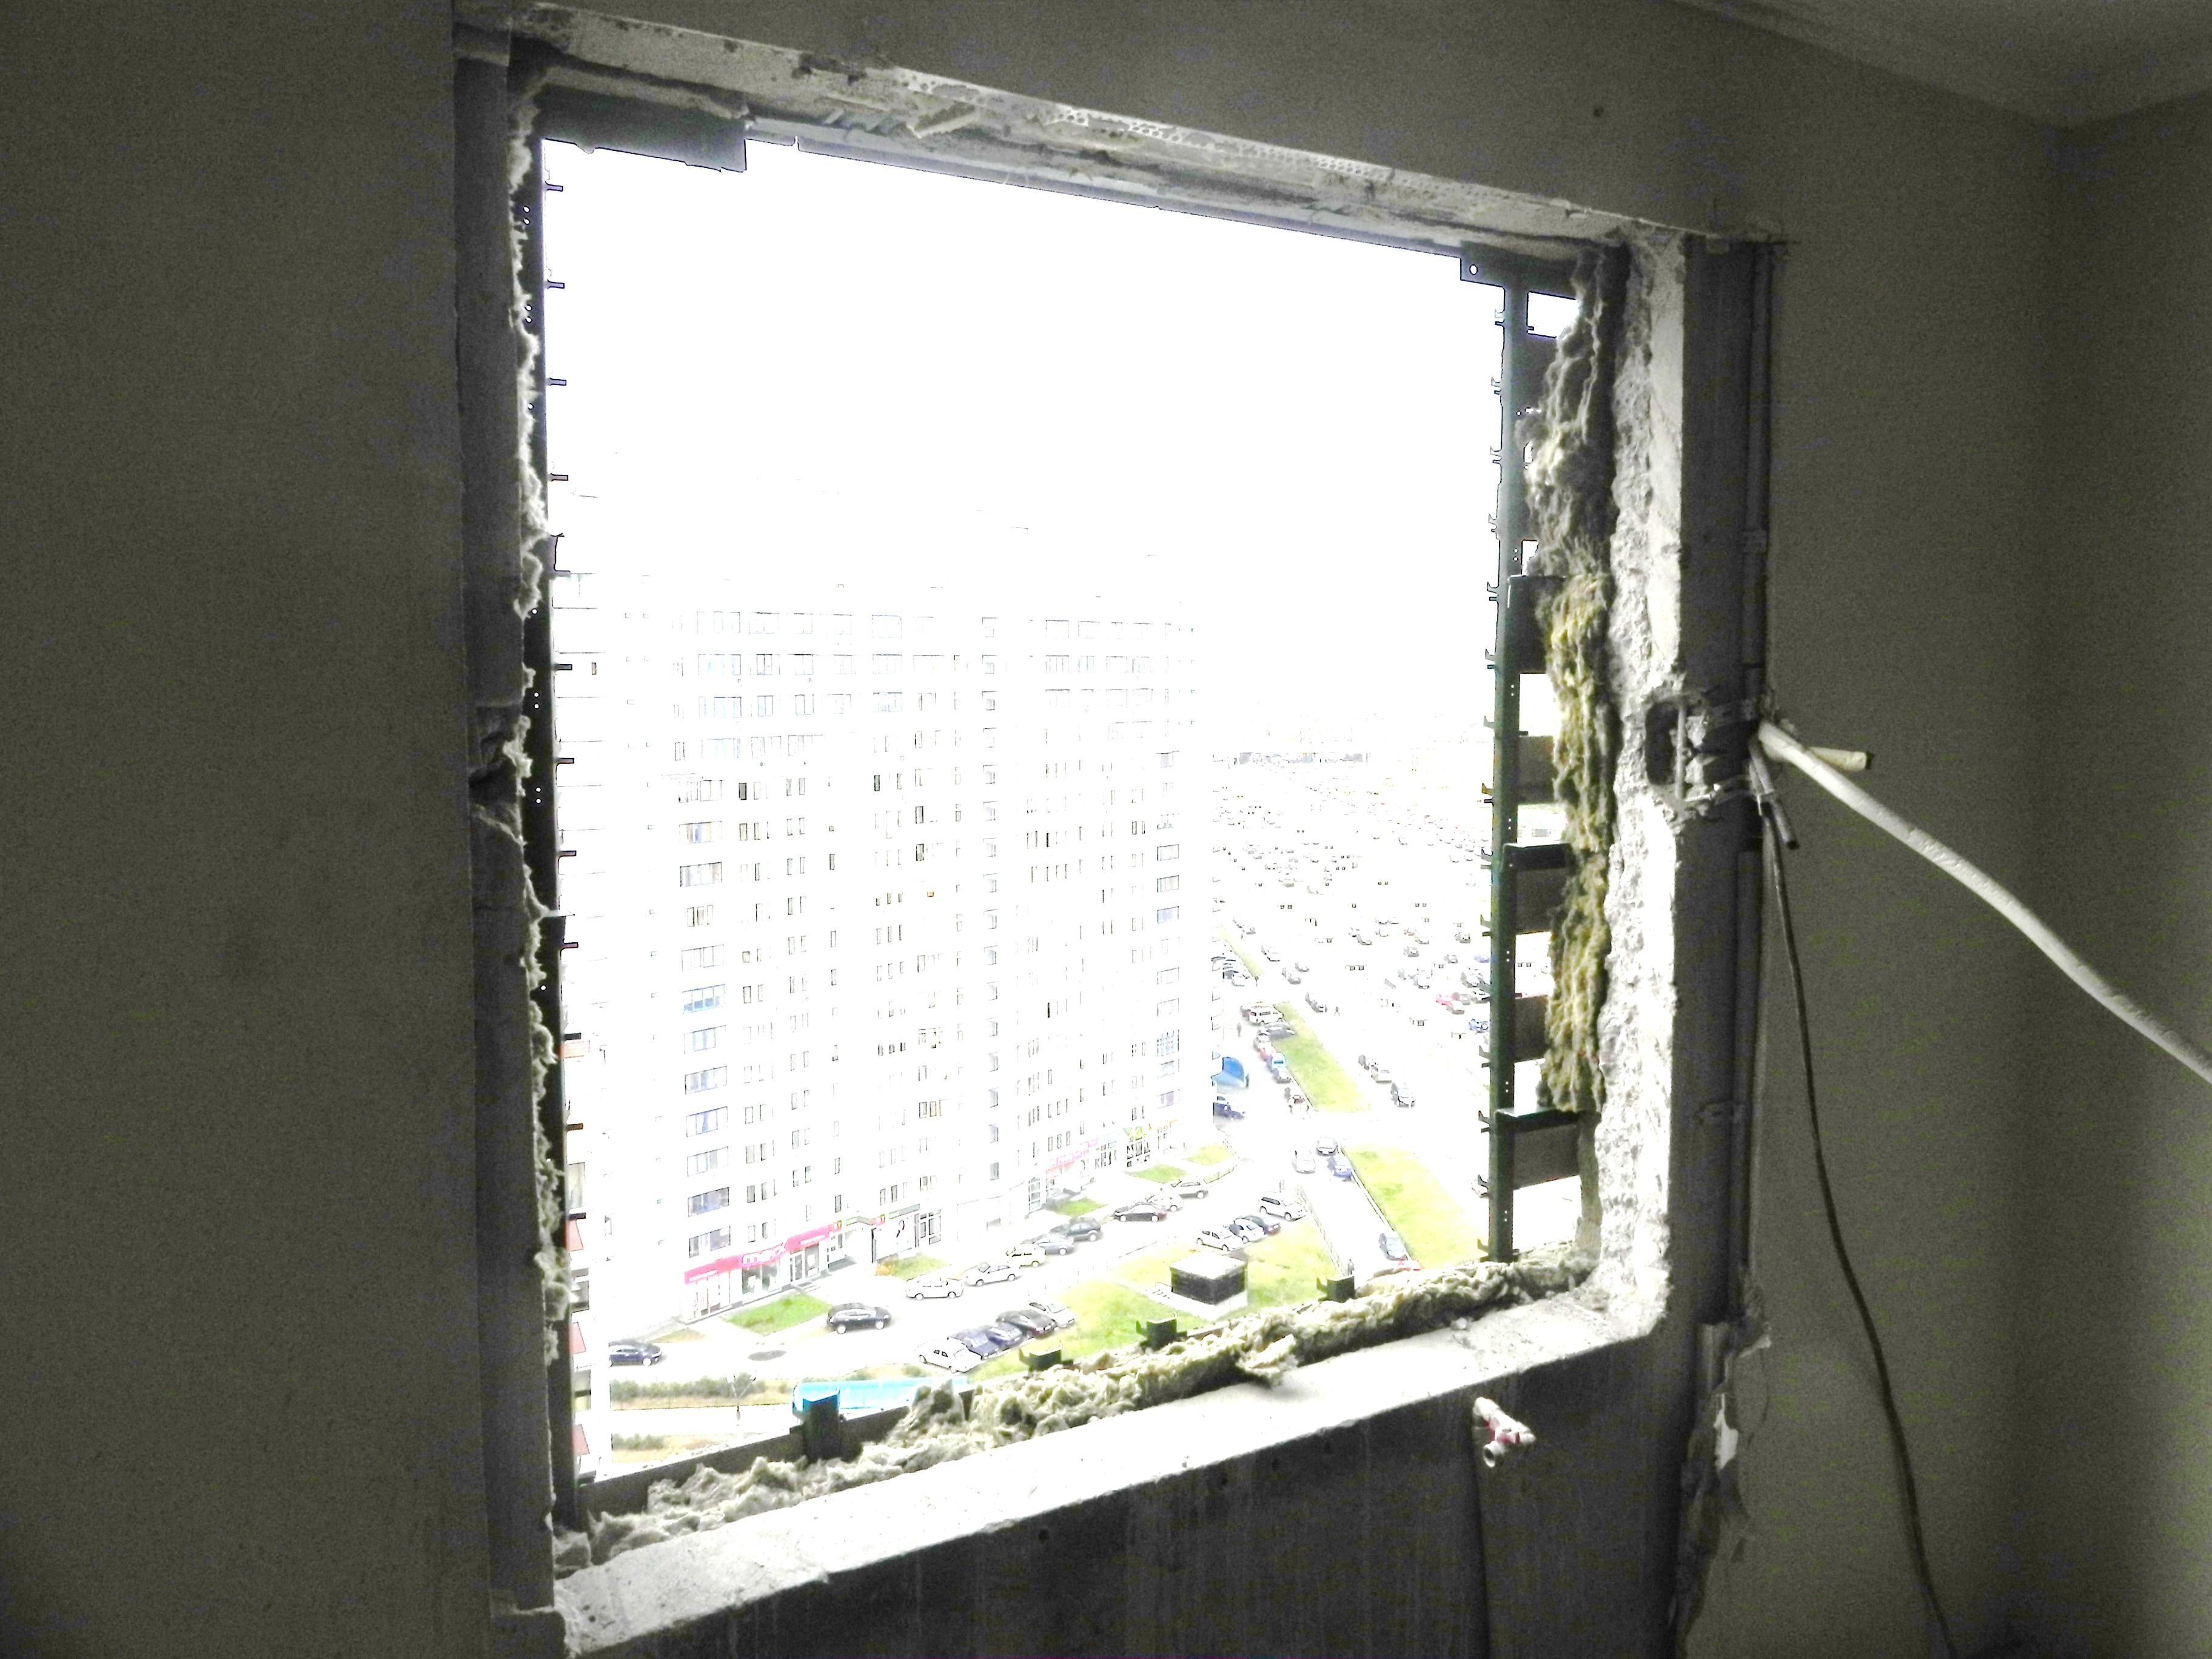 резка бетона. резка окна. расширение окна. расширение дверей. резка балкона